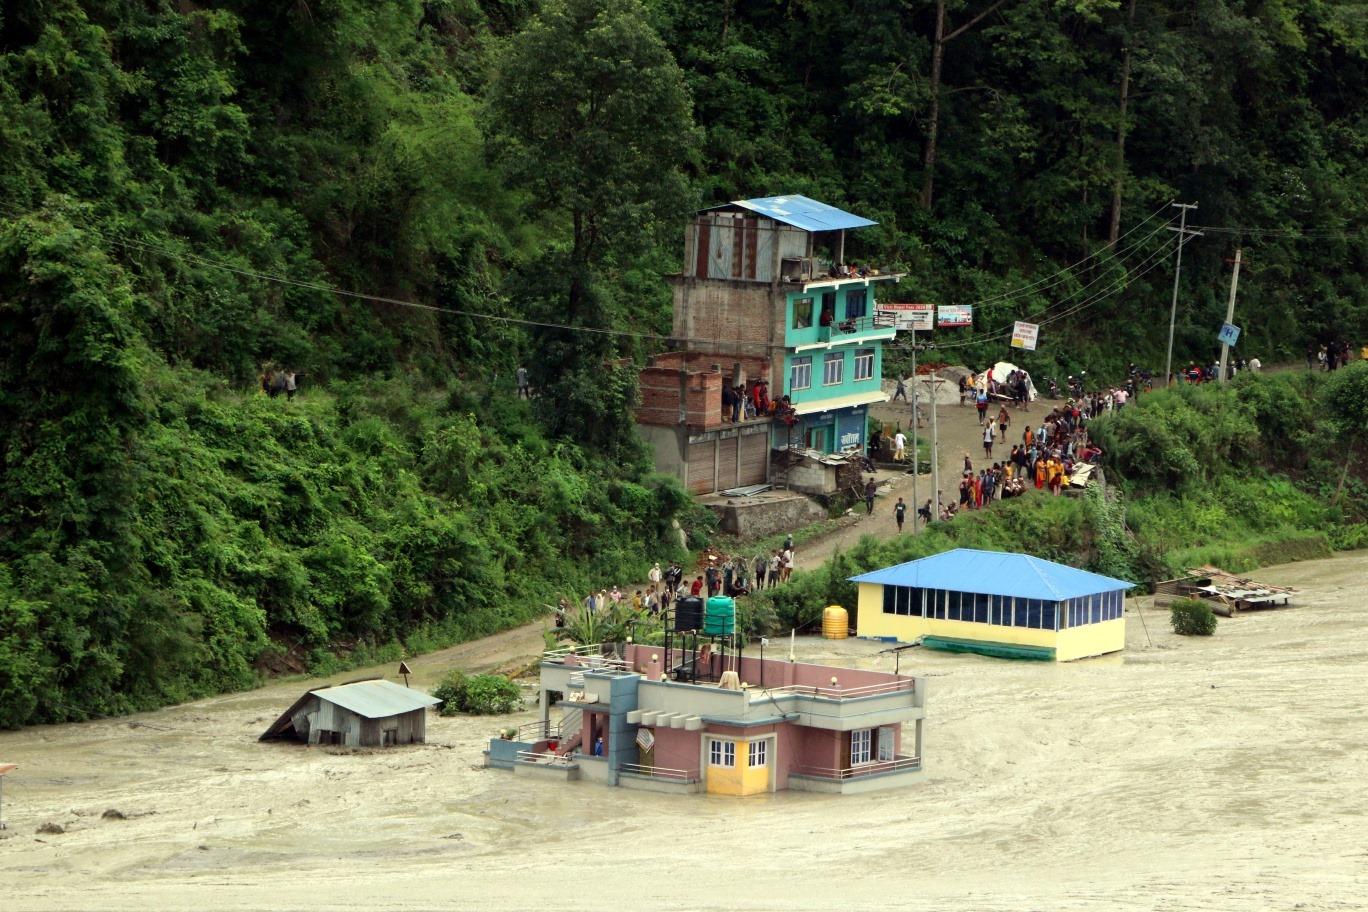 मेलम्ची बाढीमा बेपत्तामध्ये दुई चिनियाँ र एक भारतीय नागरिकको शव फेला